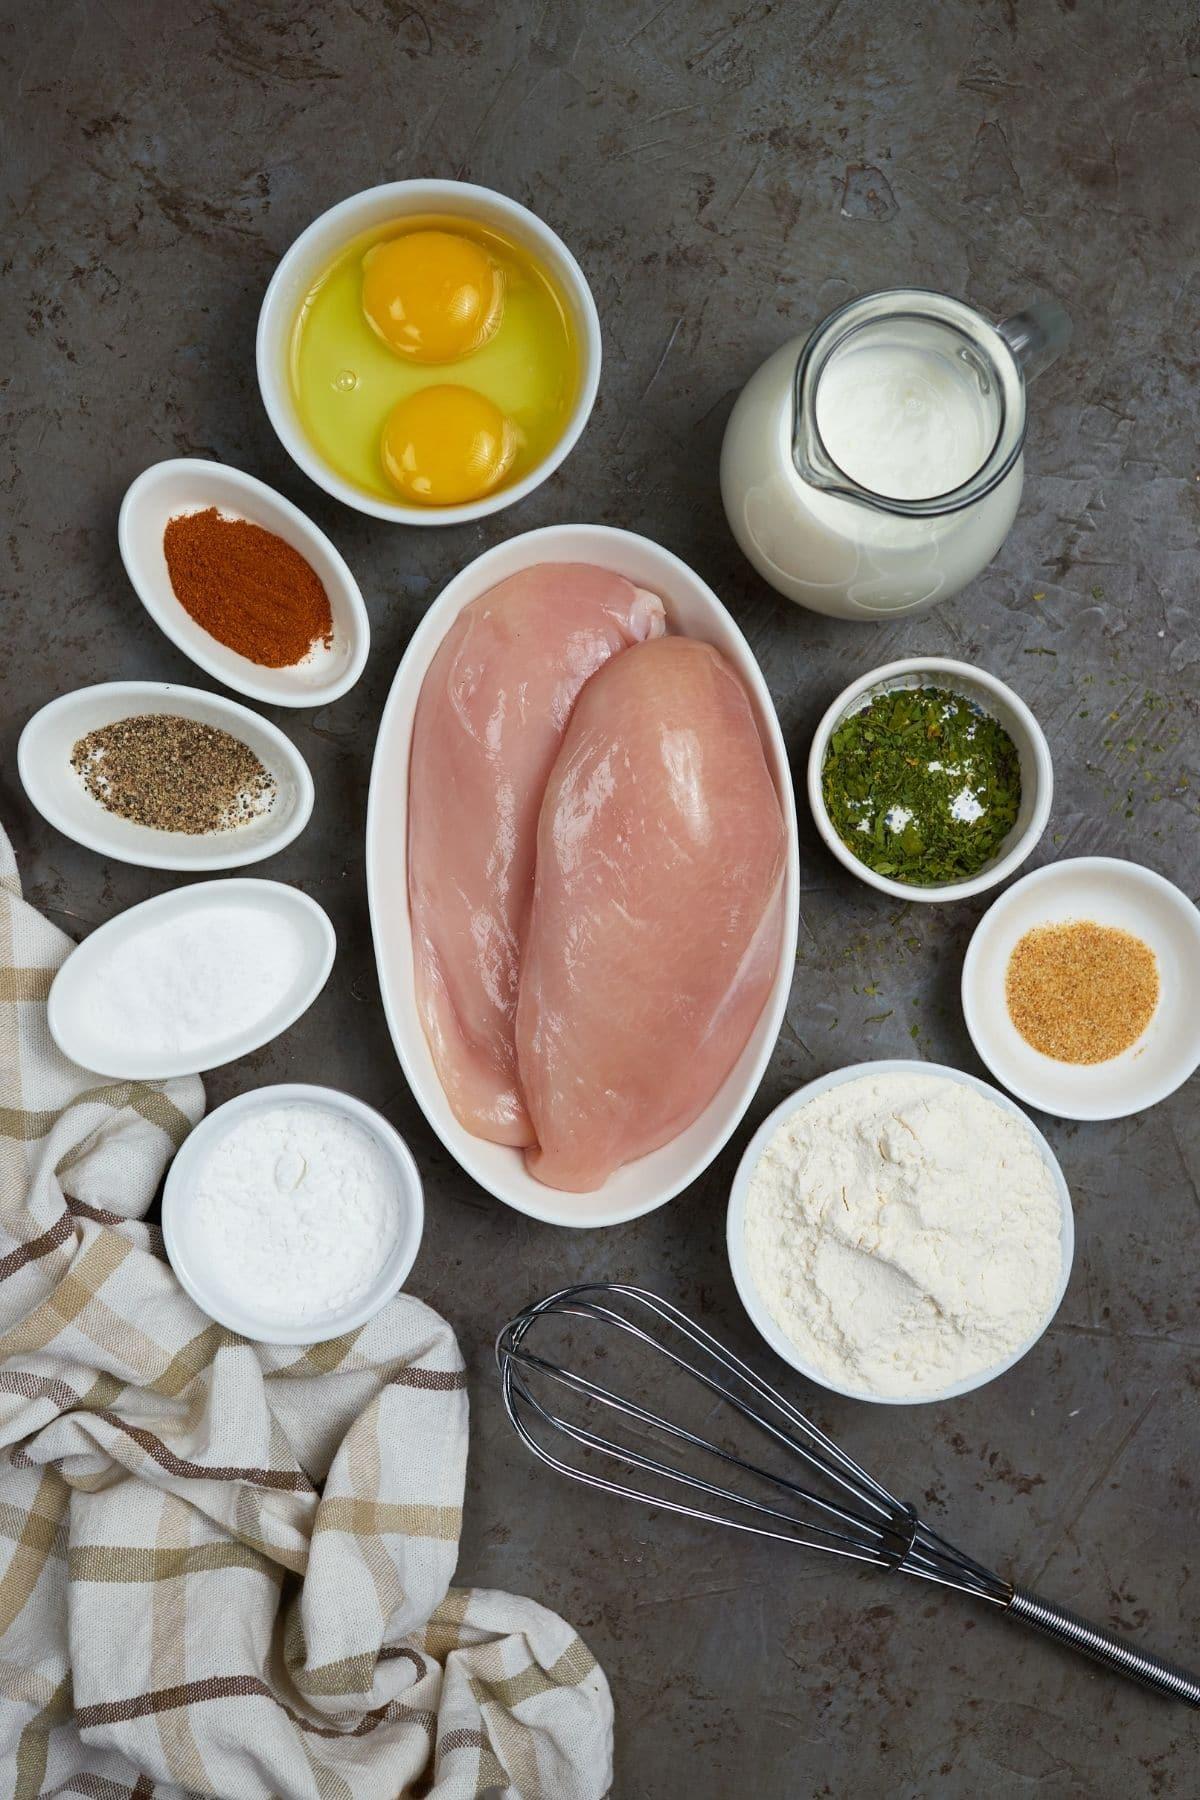 Ingredients for chicken fried chicken